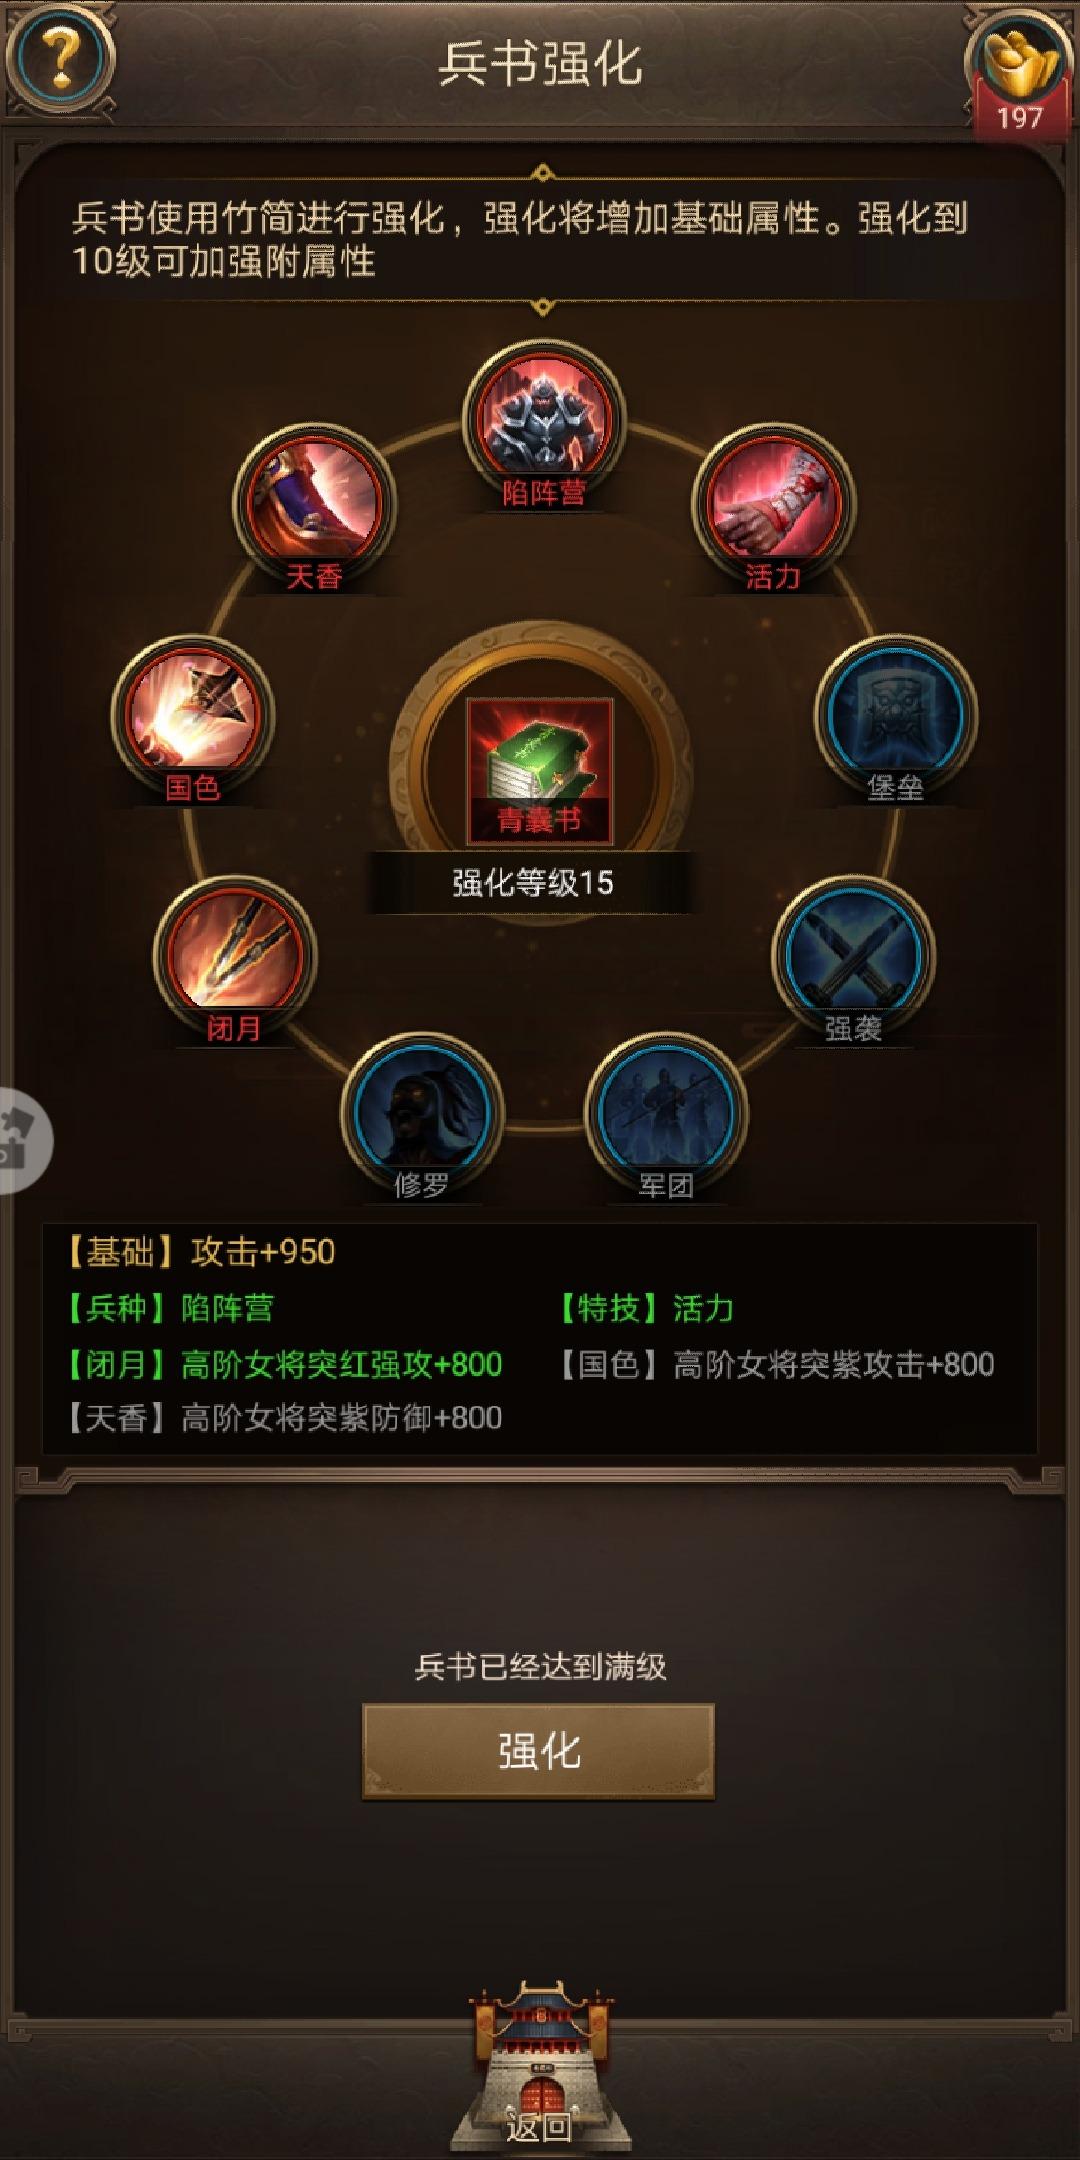 Screenshot_20190913_203904_juedi.tatuyin.rxsg.huawei.jpg